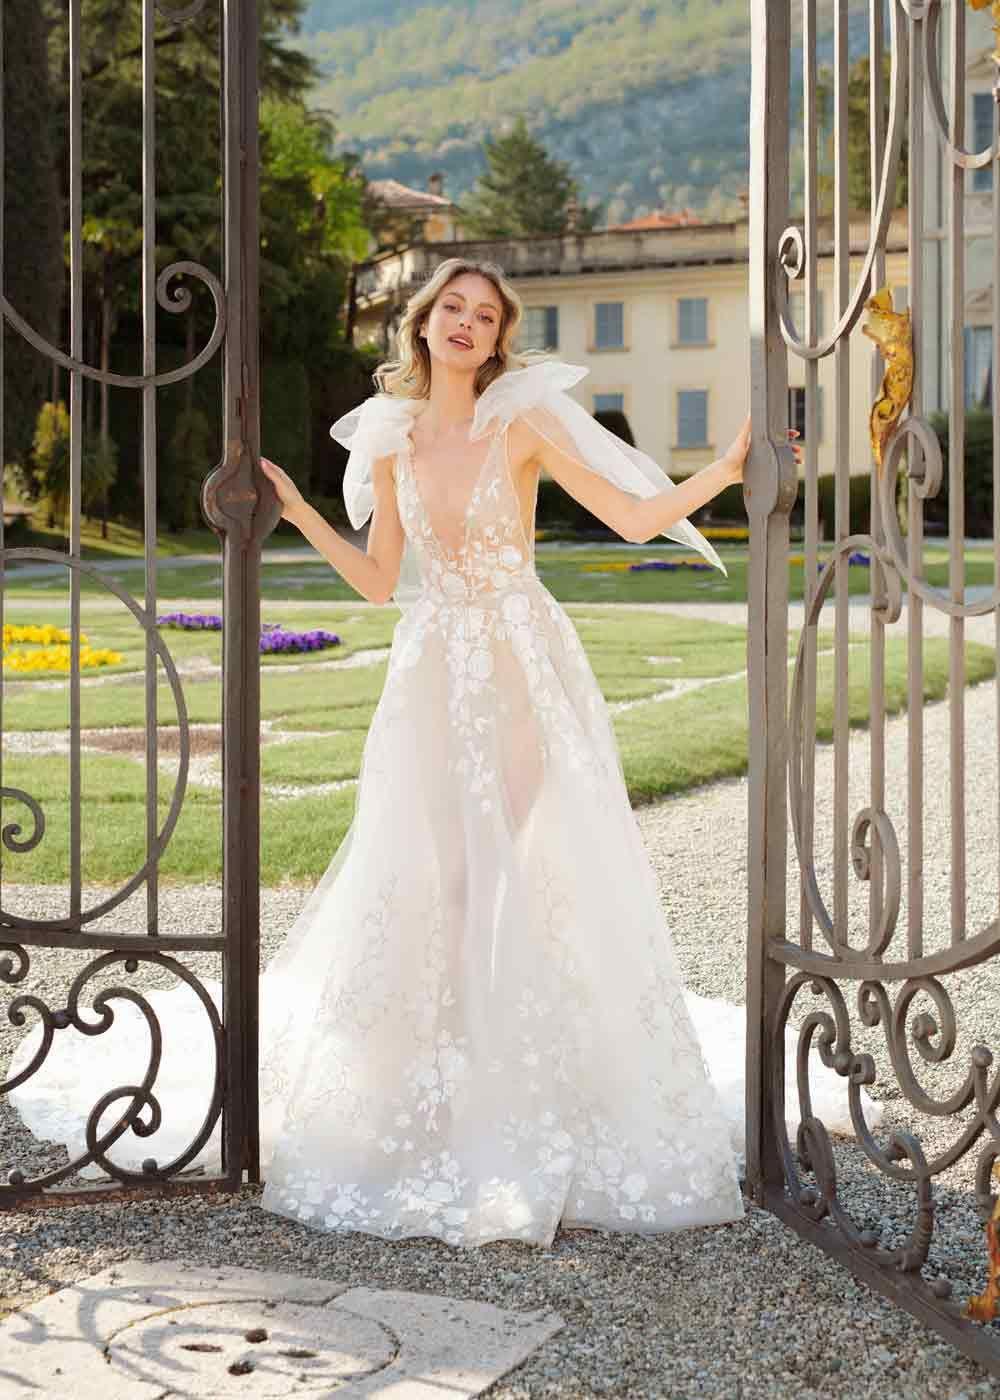 Vakko Wedding 2022 ilkbahar yaz gelinlik modelleri: 21 ilham verici model - Sayfa 2